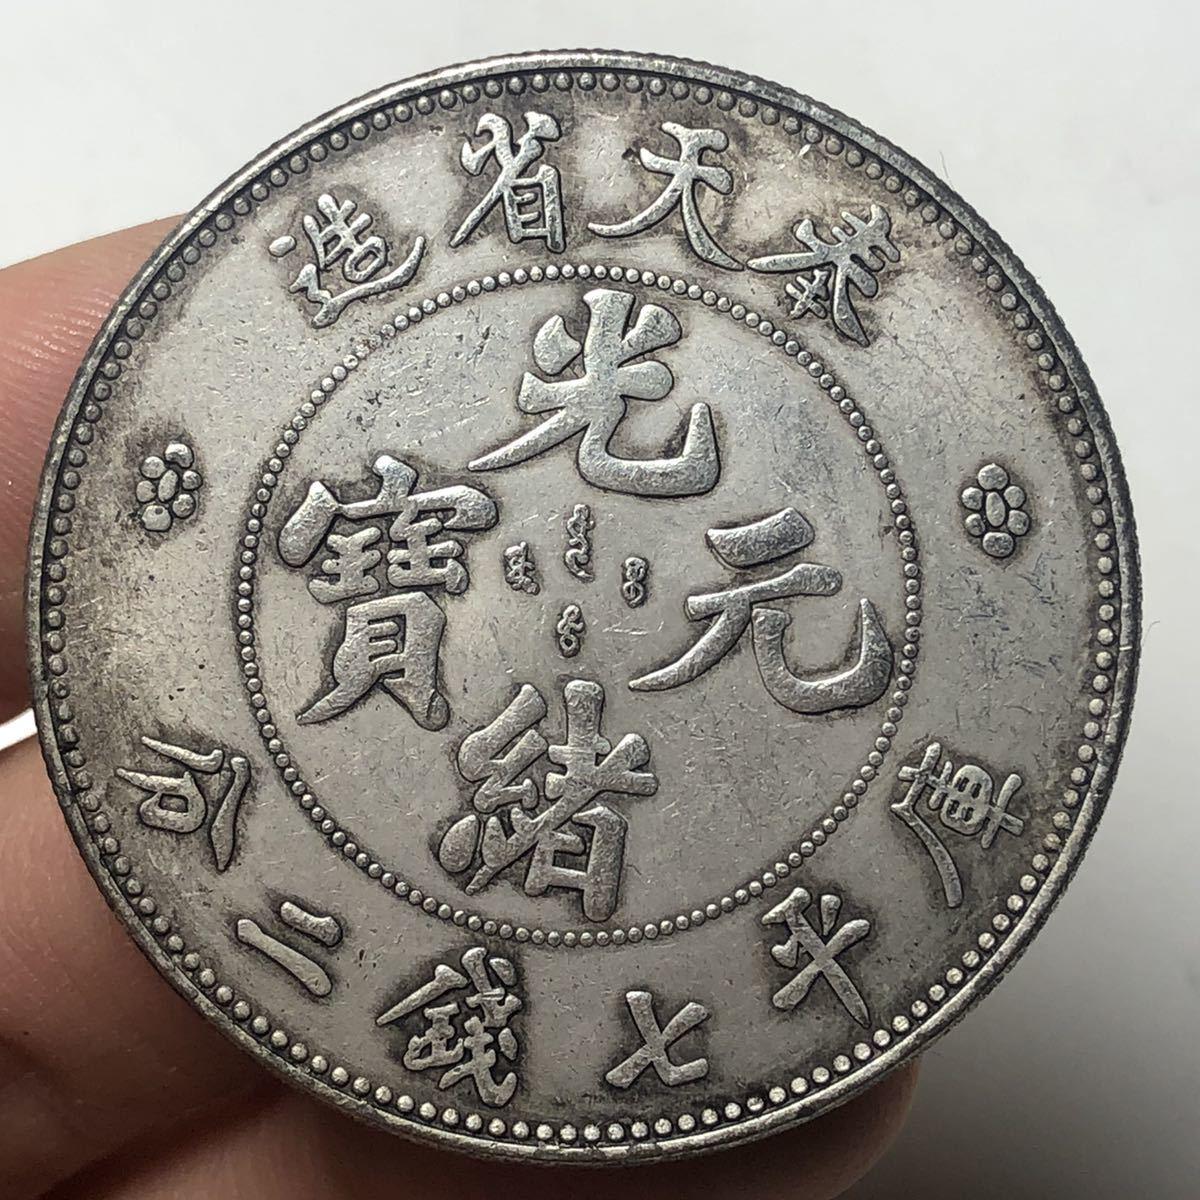 китай древние деньги, провинция хуаньтянь, производство гуань Юаньбао купон семь центов 40mm26.47g S - 2693